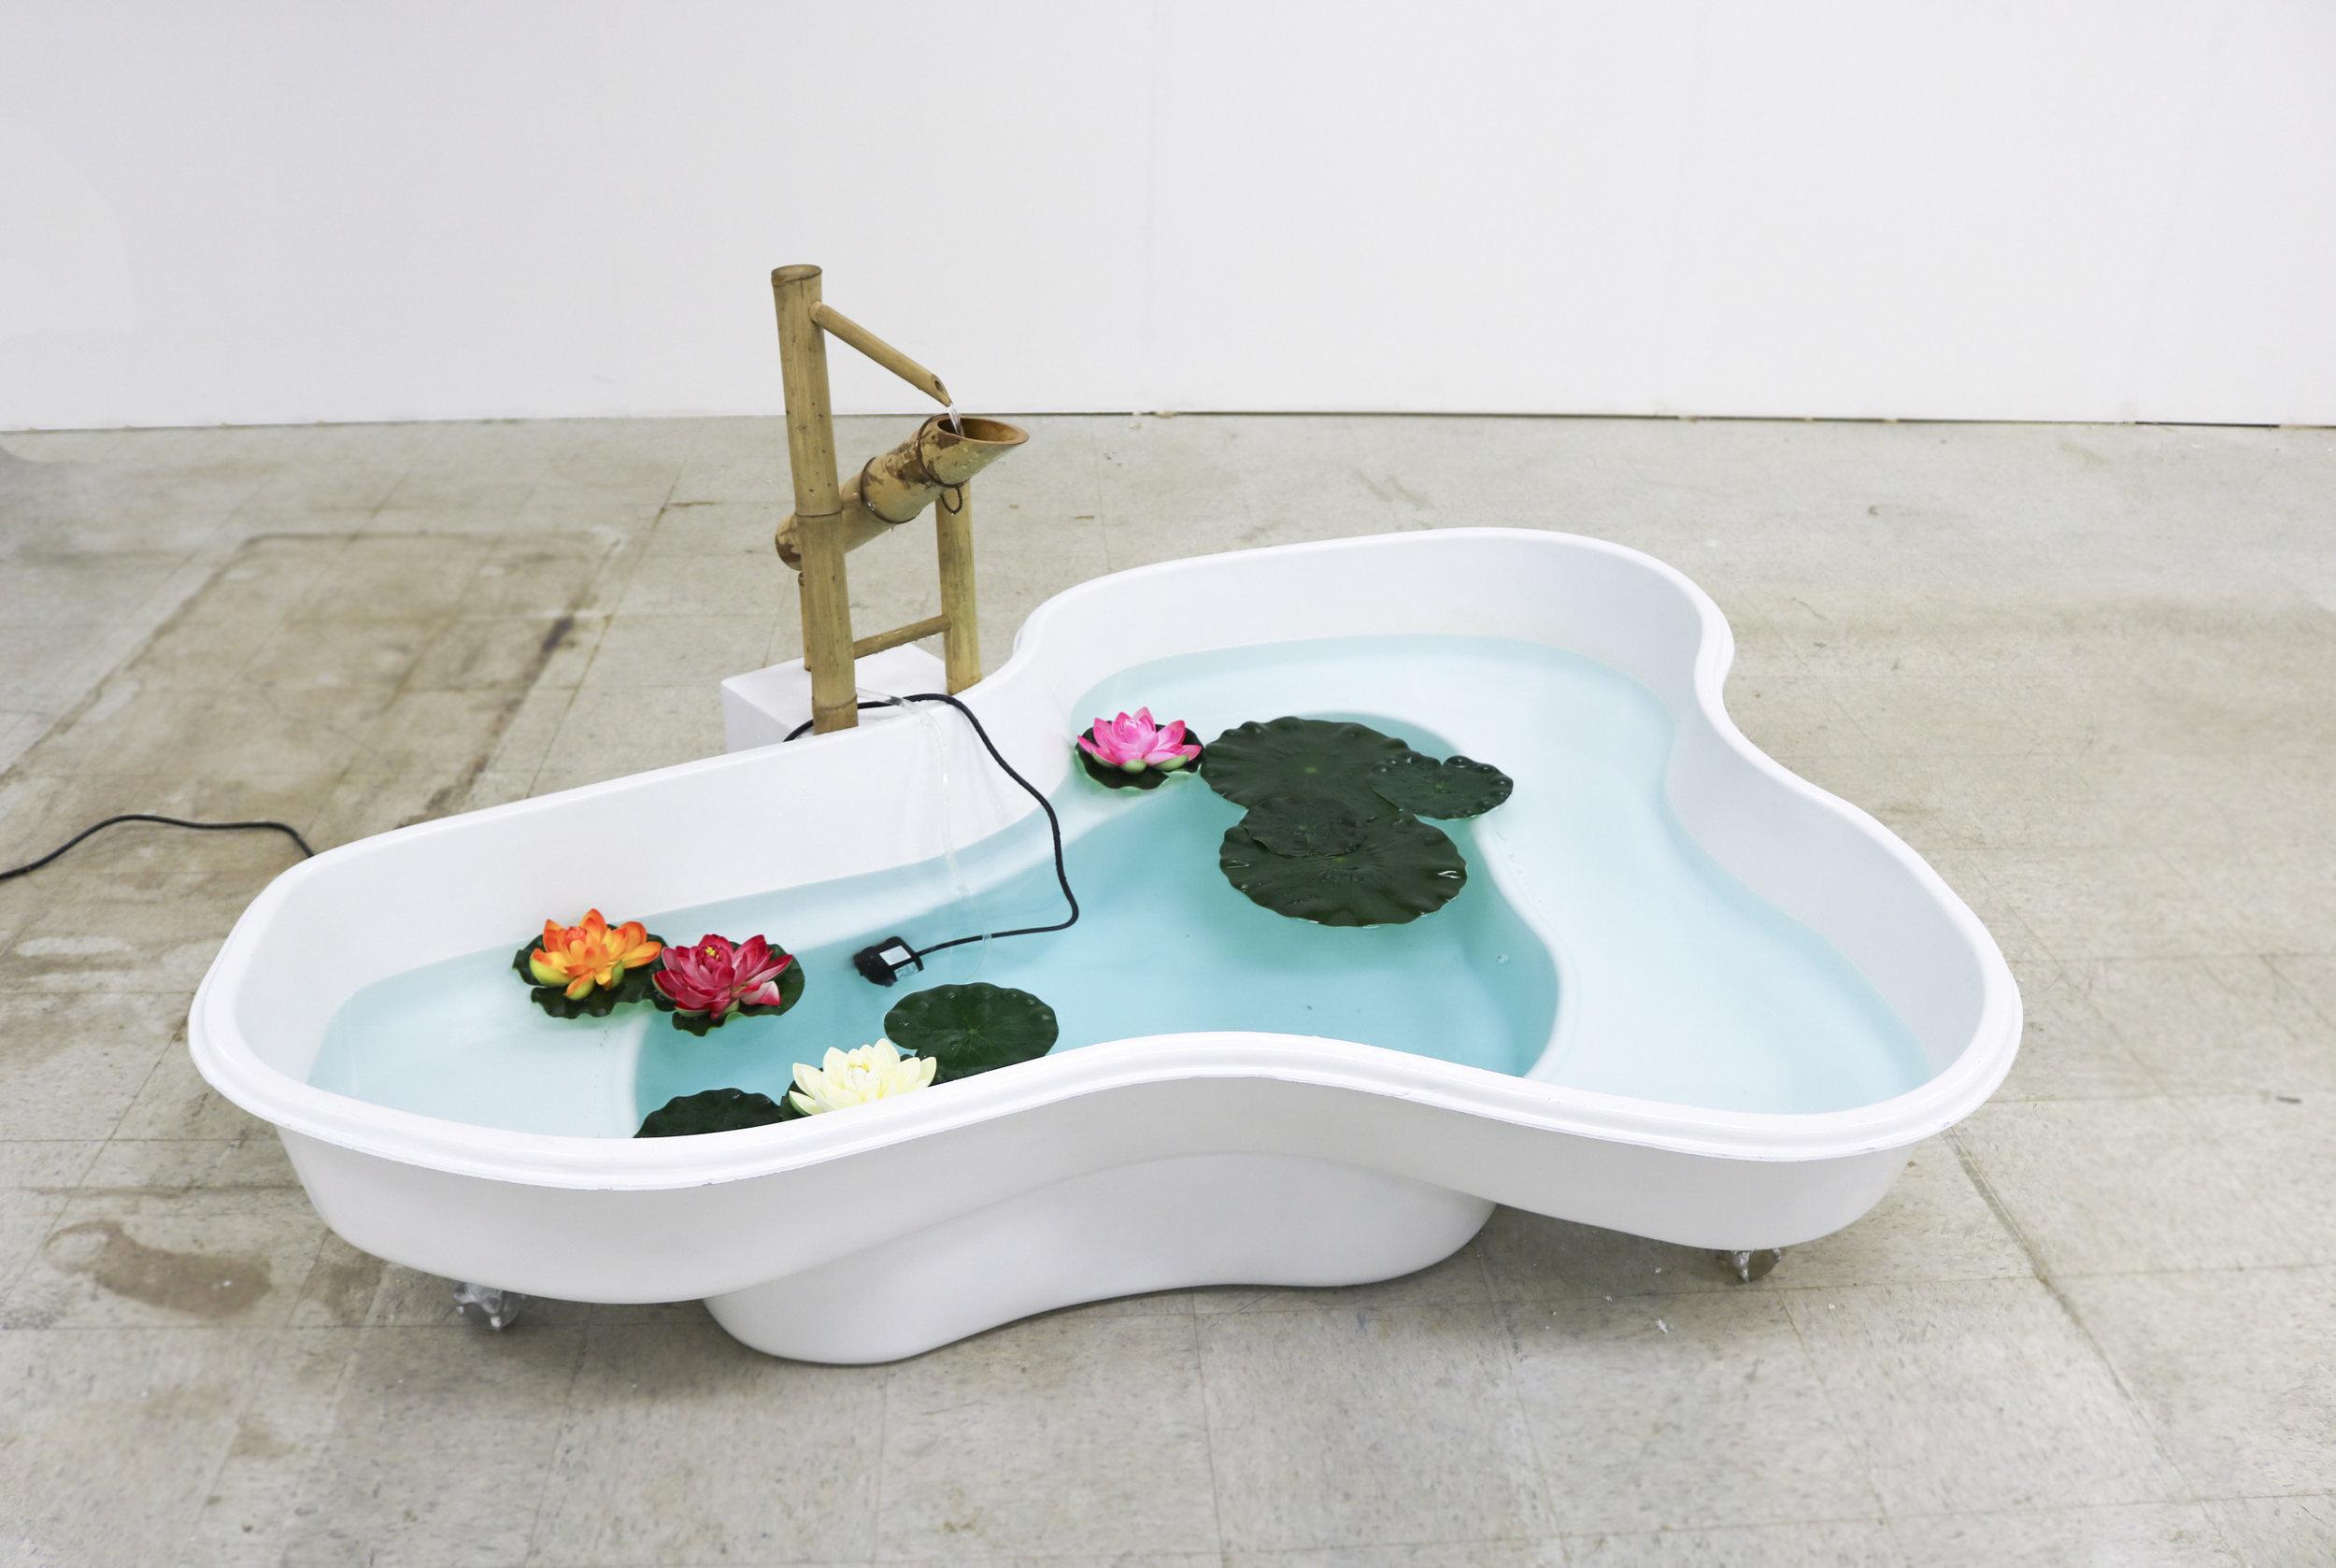 The Bath, 2018